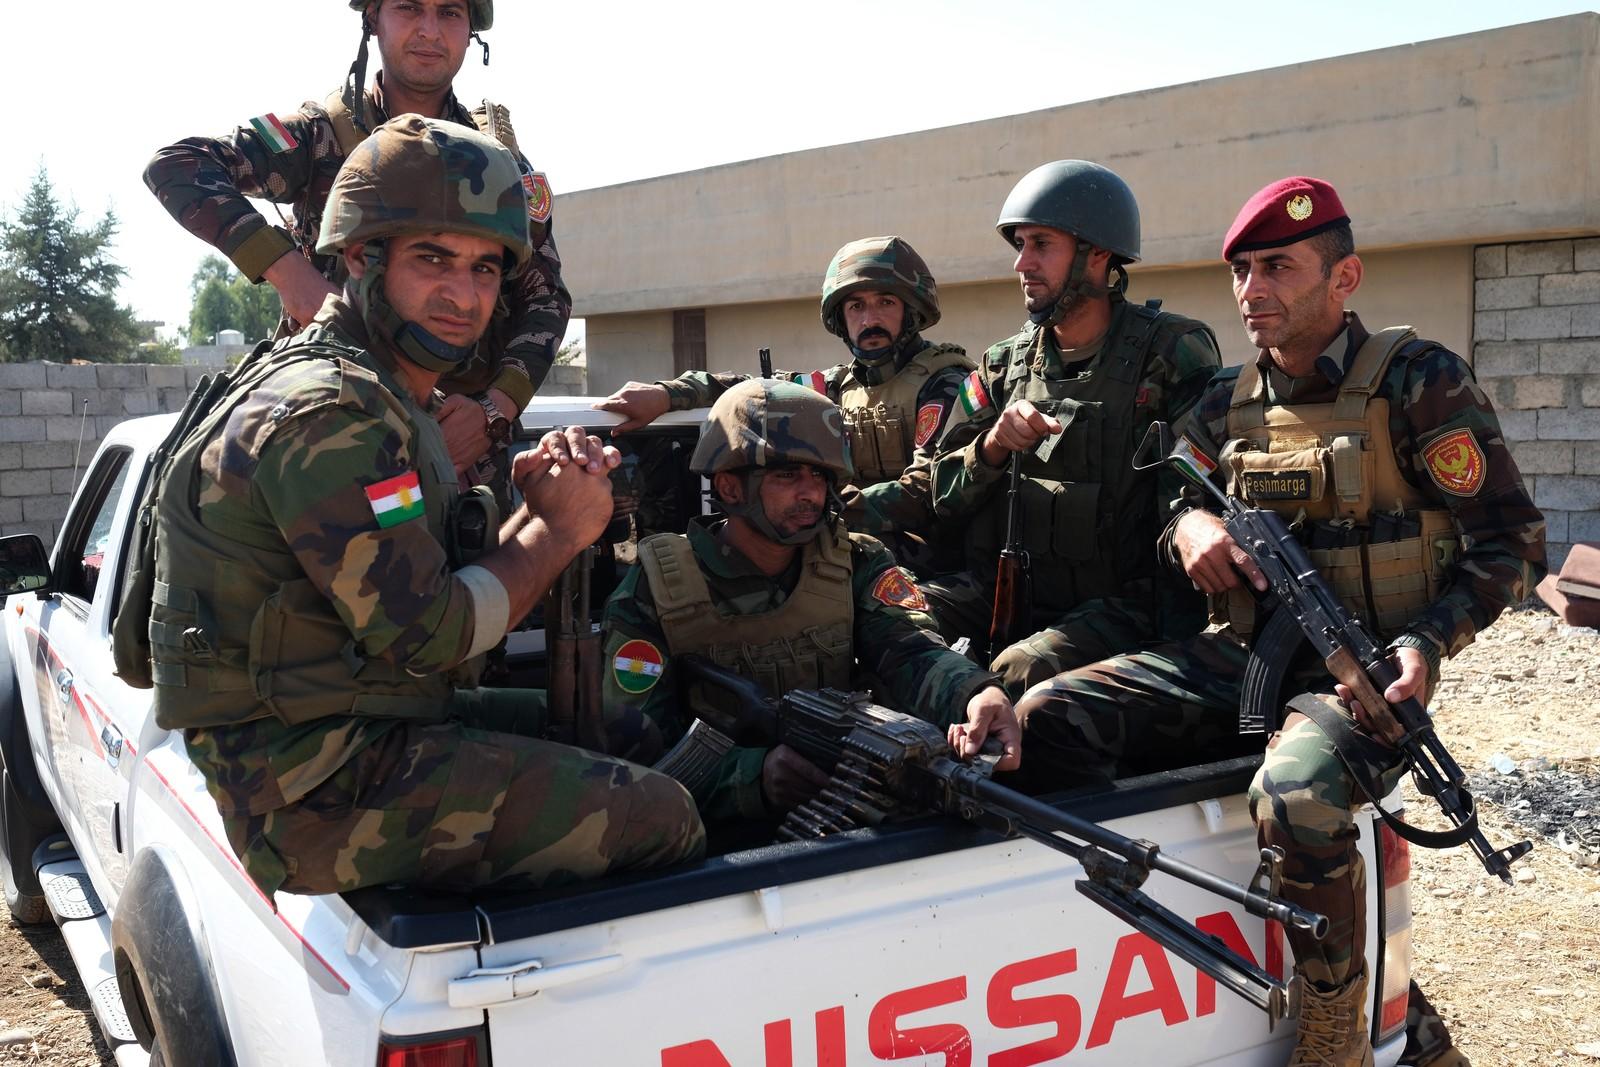 De kurdiske peshmergastyrkene er i dag en regulær hær, som består av kurdere i alle aldre. De fleste kurdere har slekt eller venner som gjør tjeneste som peshmerga.